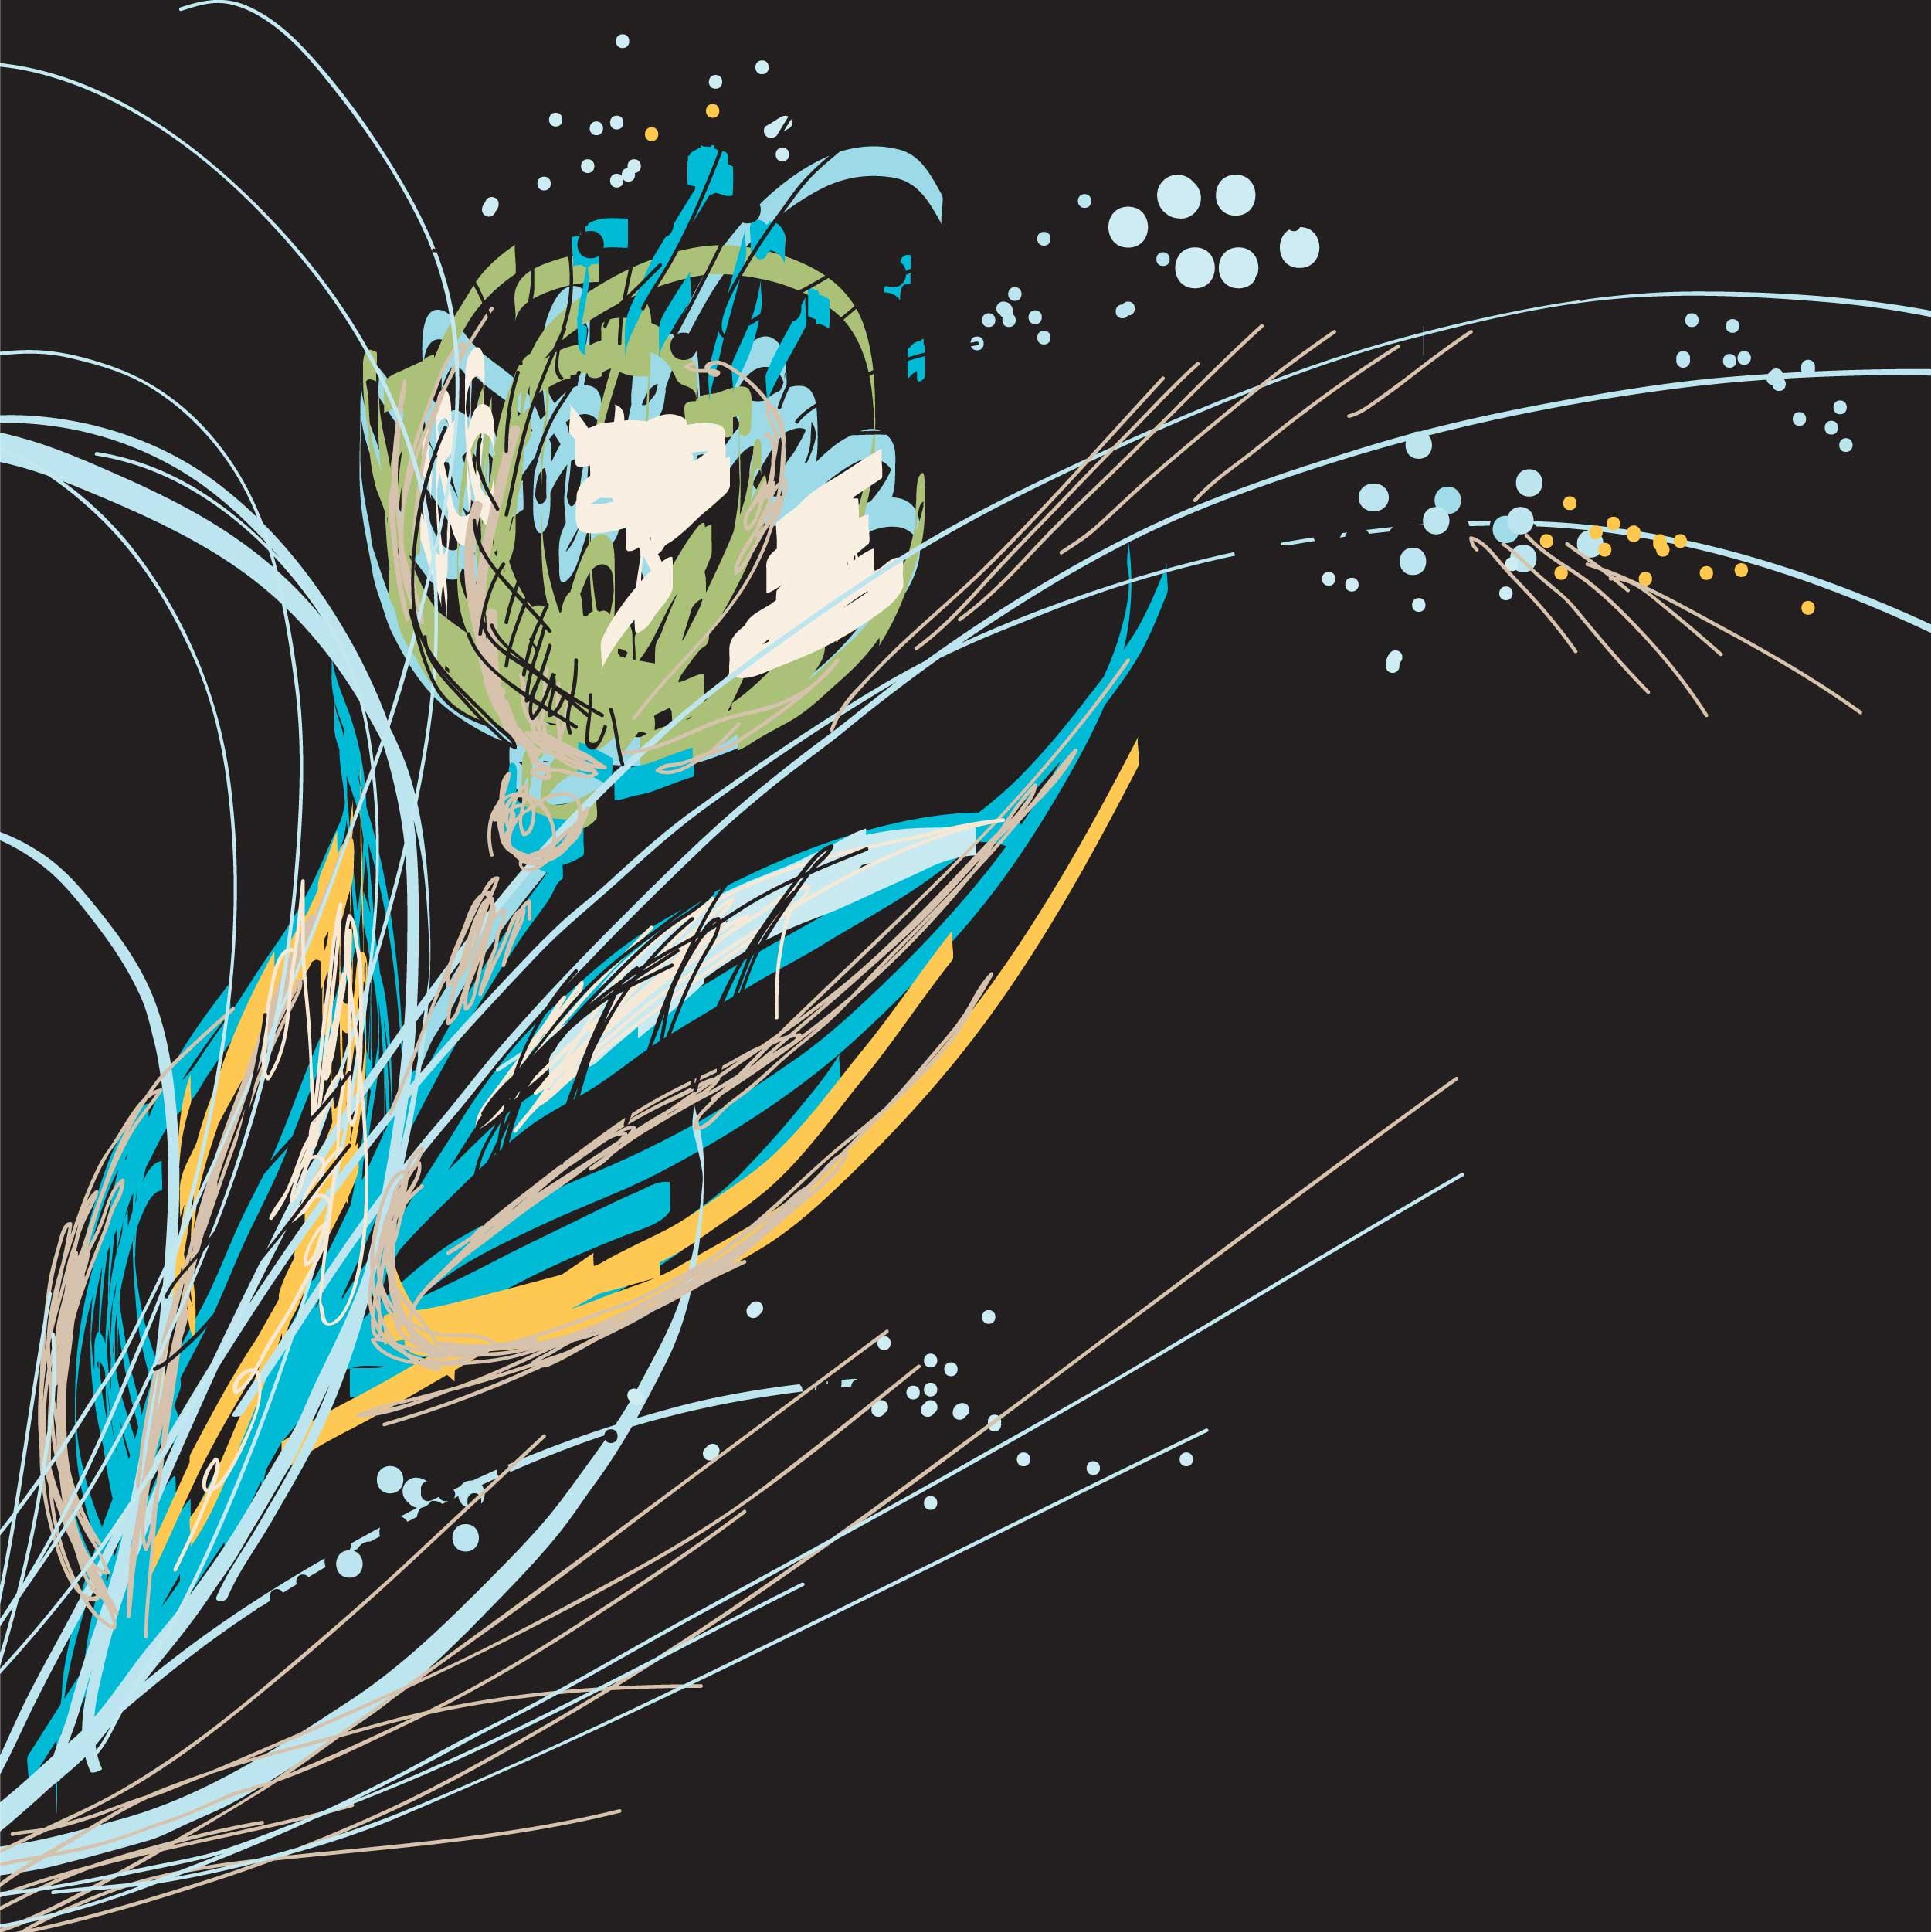 花のイラスト・フリー素材/壁紙・背景no.283『シック・クール・ダーク』